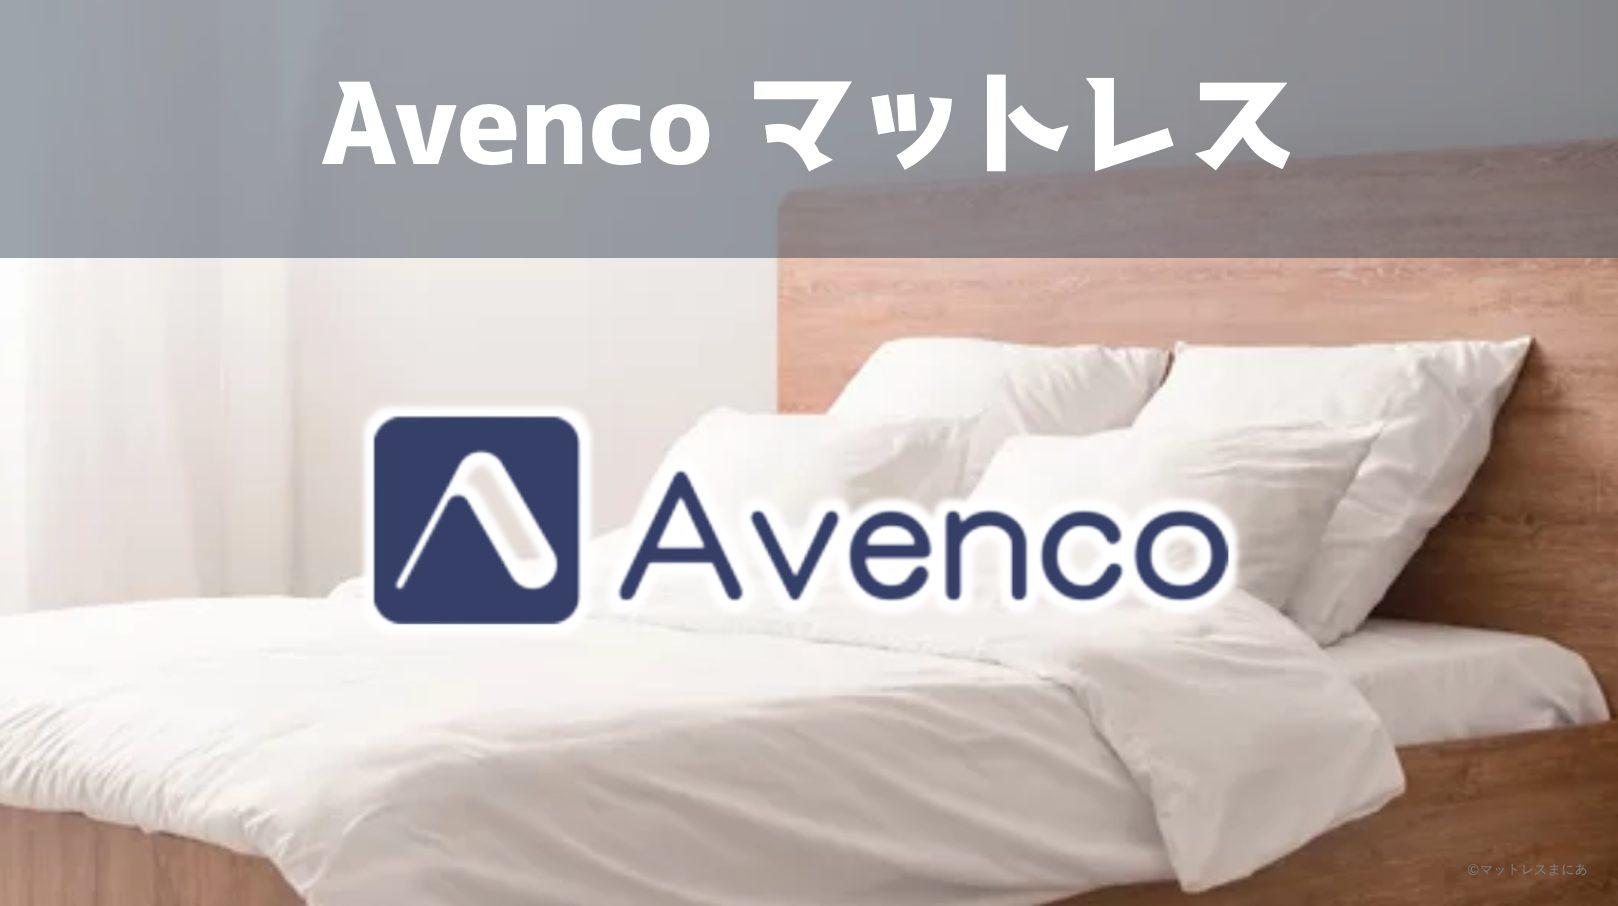 【辛口評価】Avencoマットレスの口コミ&評判(レビュー15件)|種類の違いは?